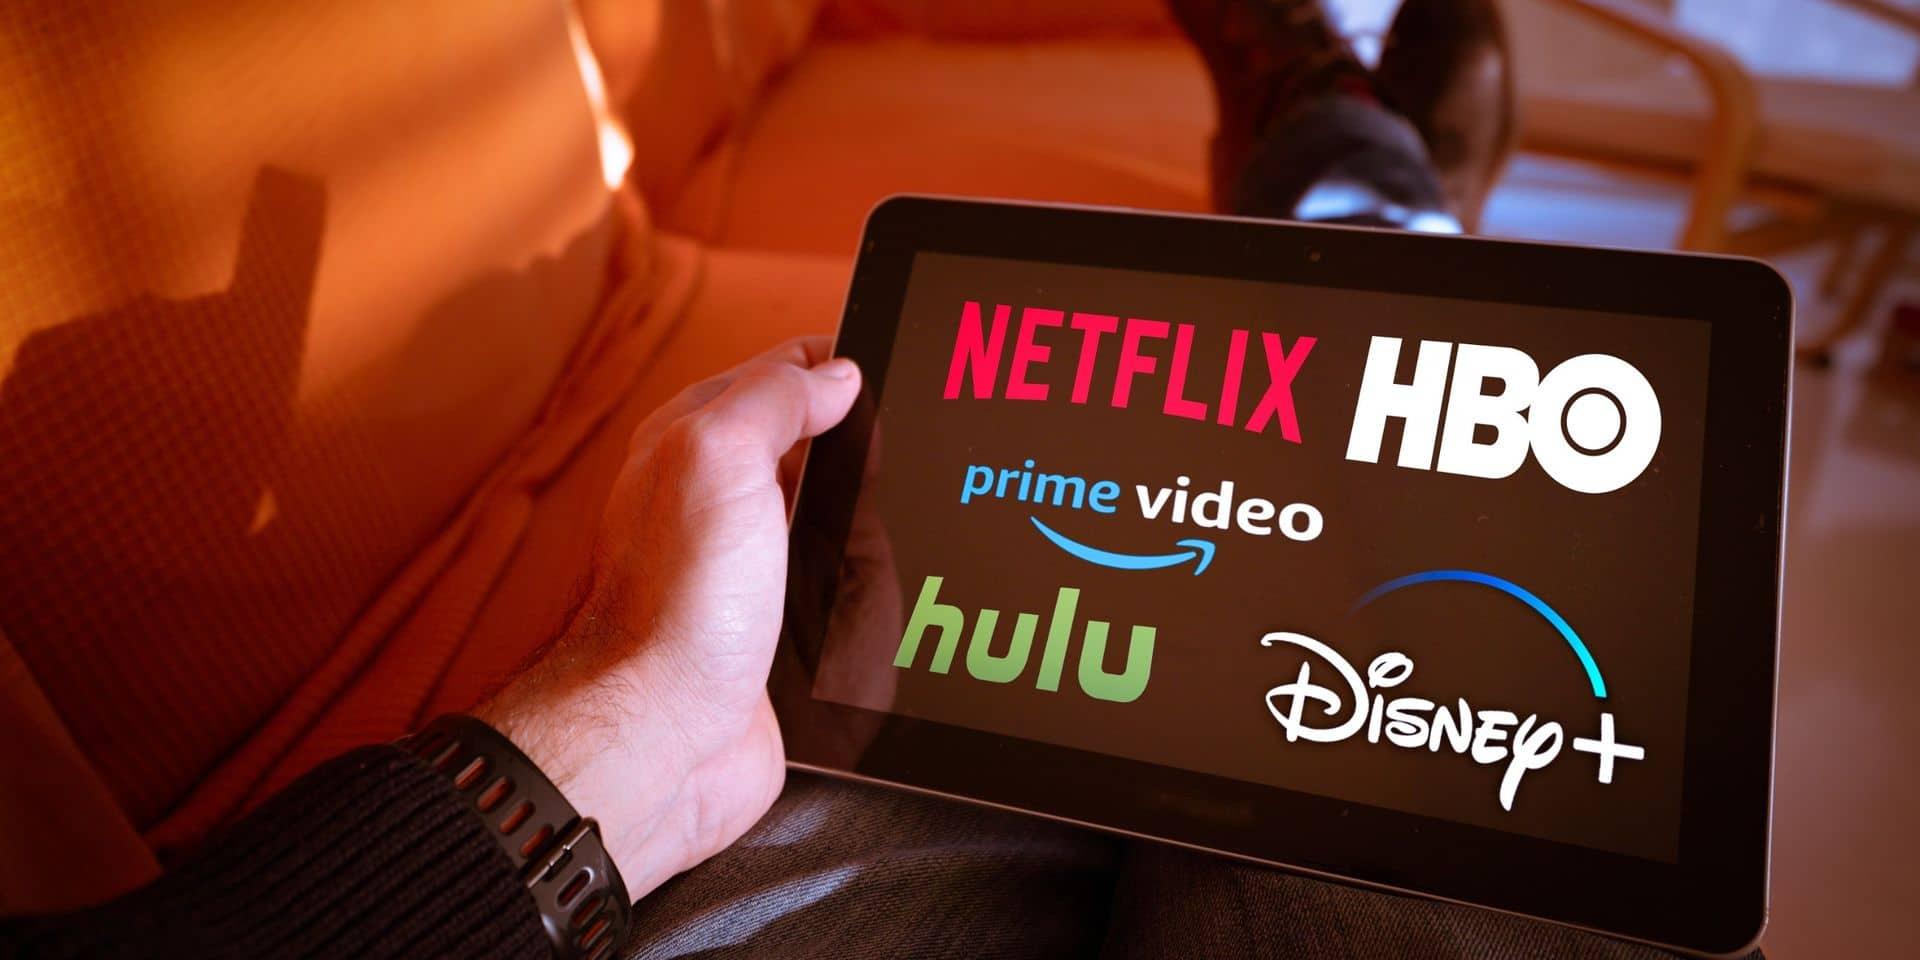 Netflix, Amazon, Apple, Disney, Telenet,... : la guerre du streaming fait rage et les opérateurs télécoms entrent dans la danse en Belgique